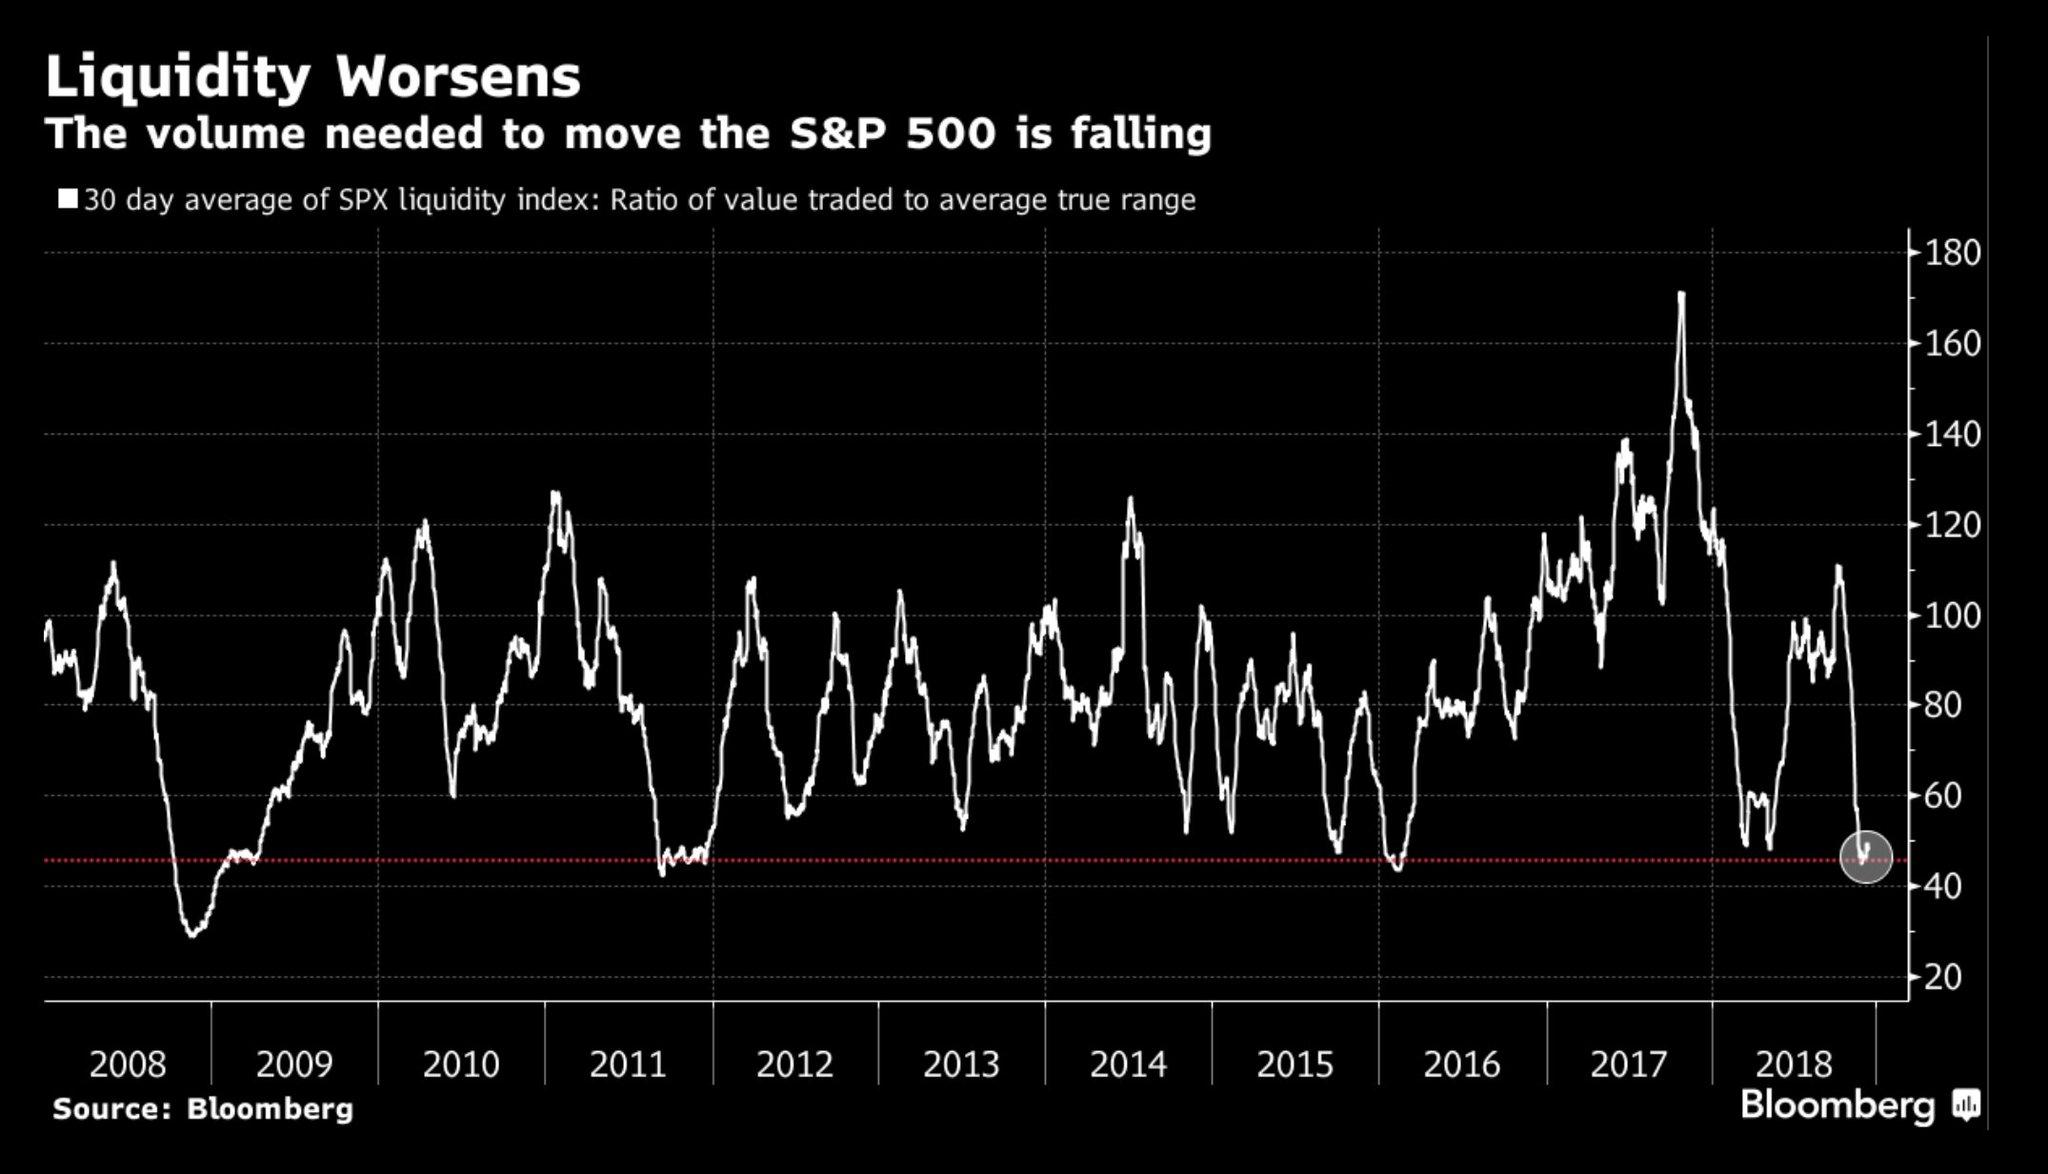 s&p 500 liquidity worsens